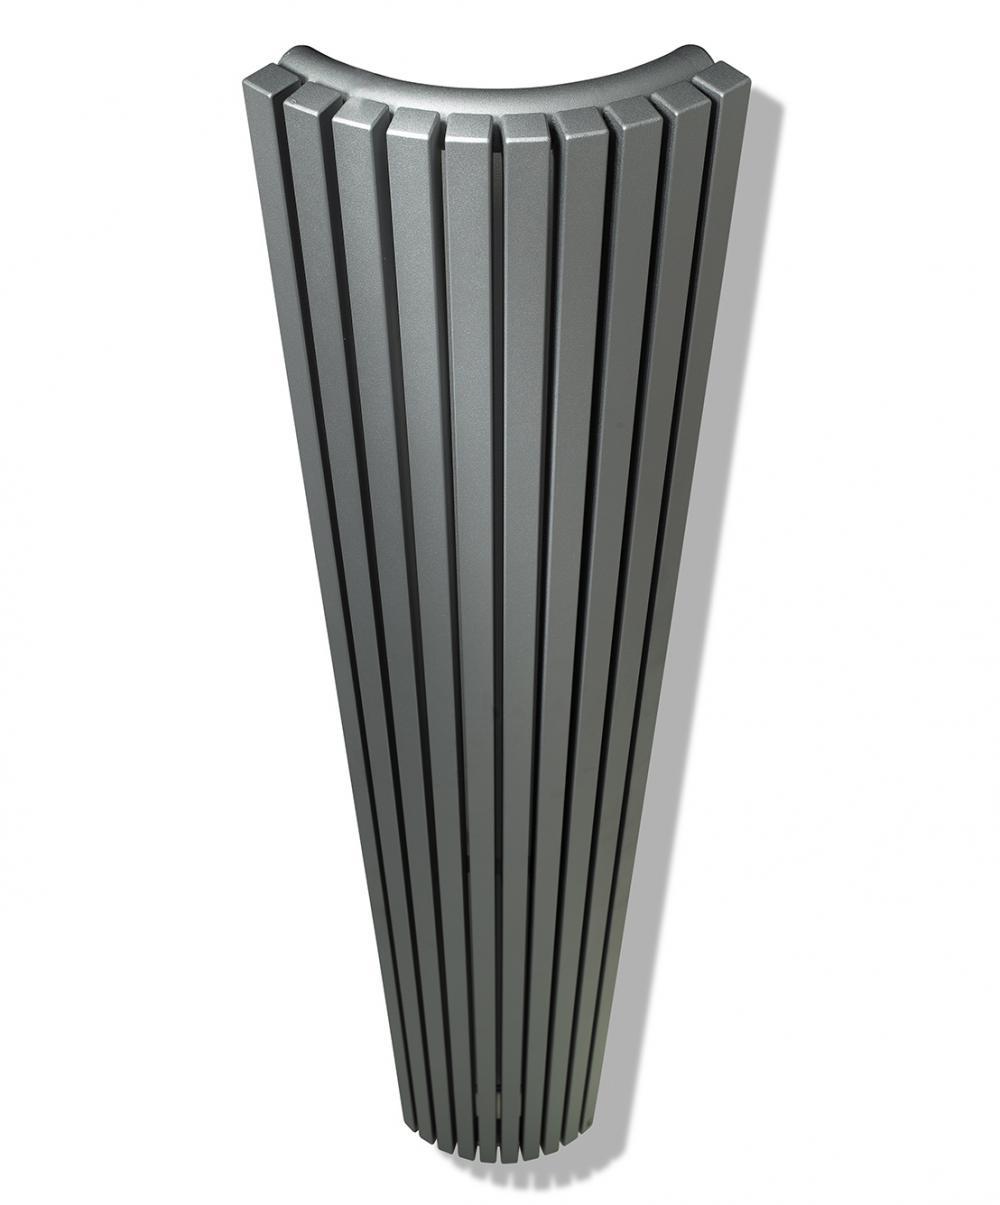 Calorifere decorative pentru colt Vasco Carre CR-A 2000x244 mm, 862 W